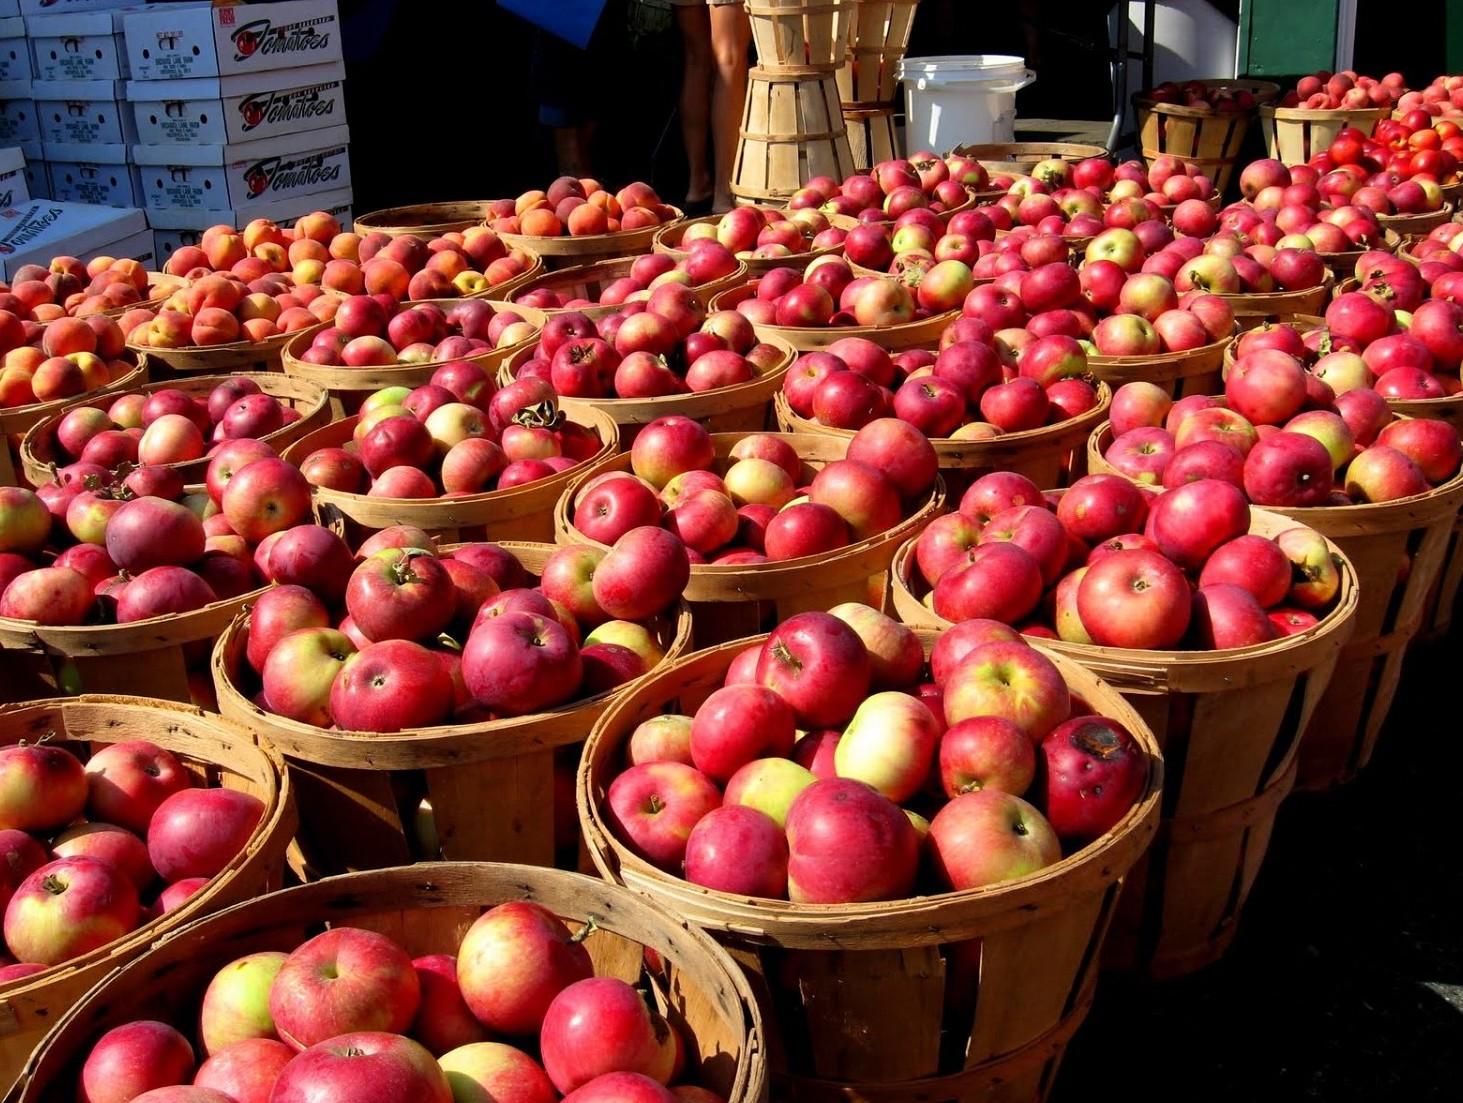 Pesticidi nelle mele in Italia, grave al